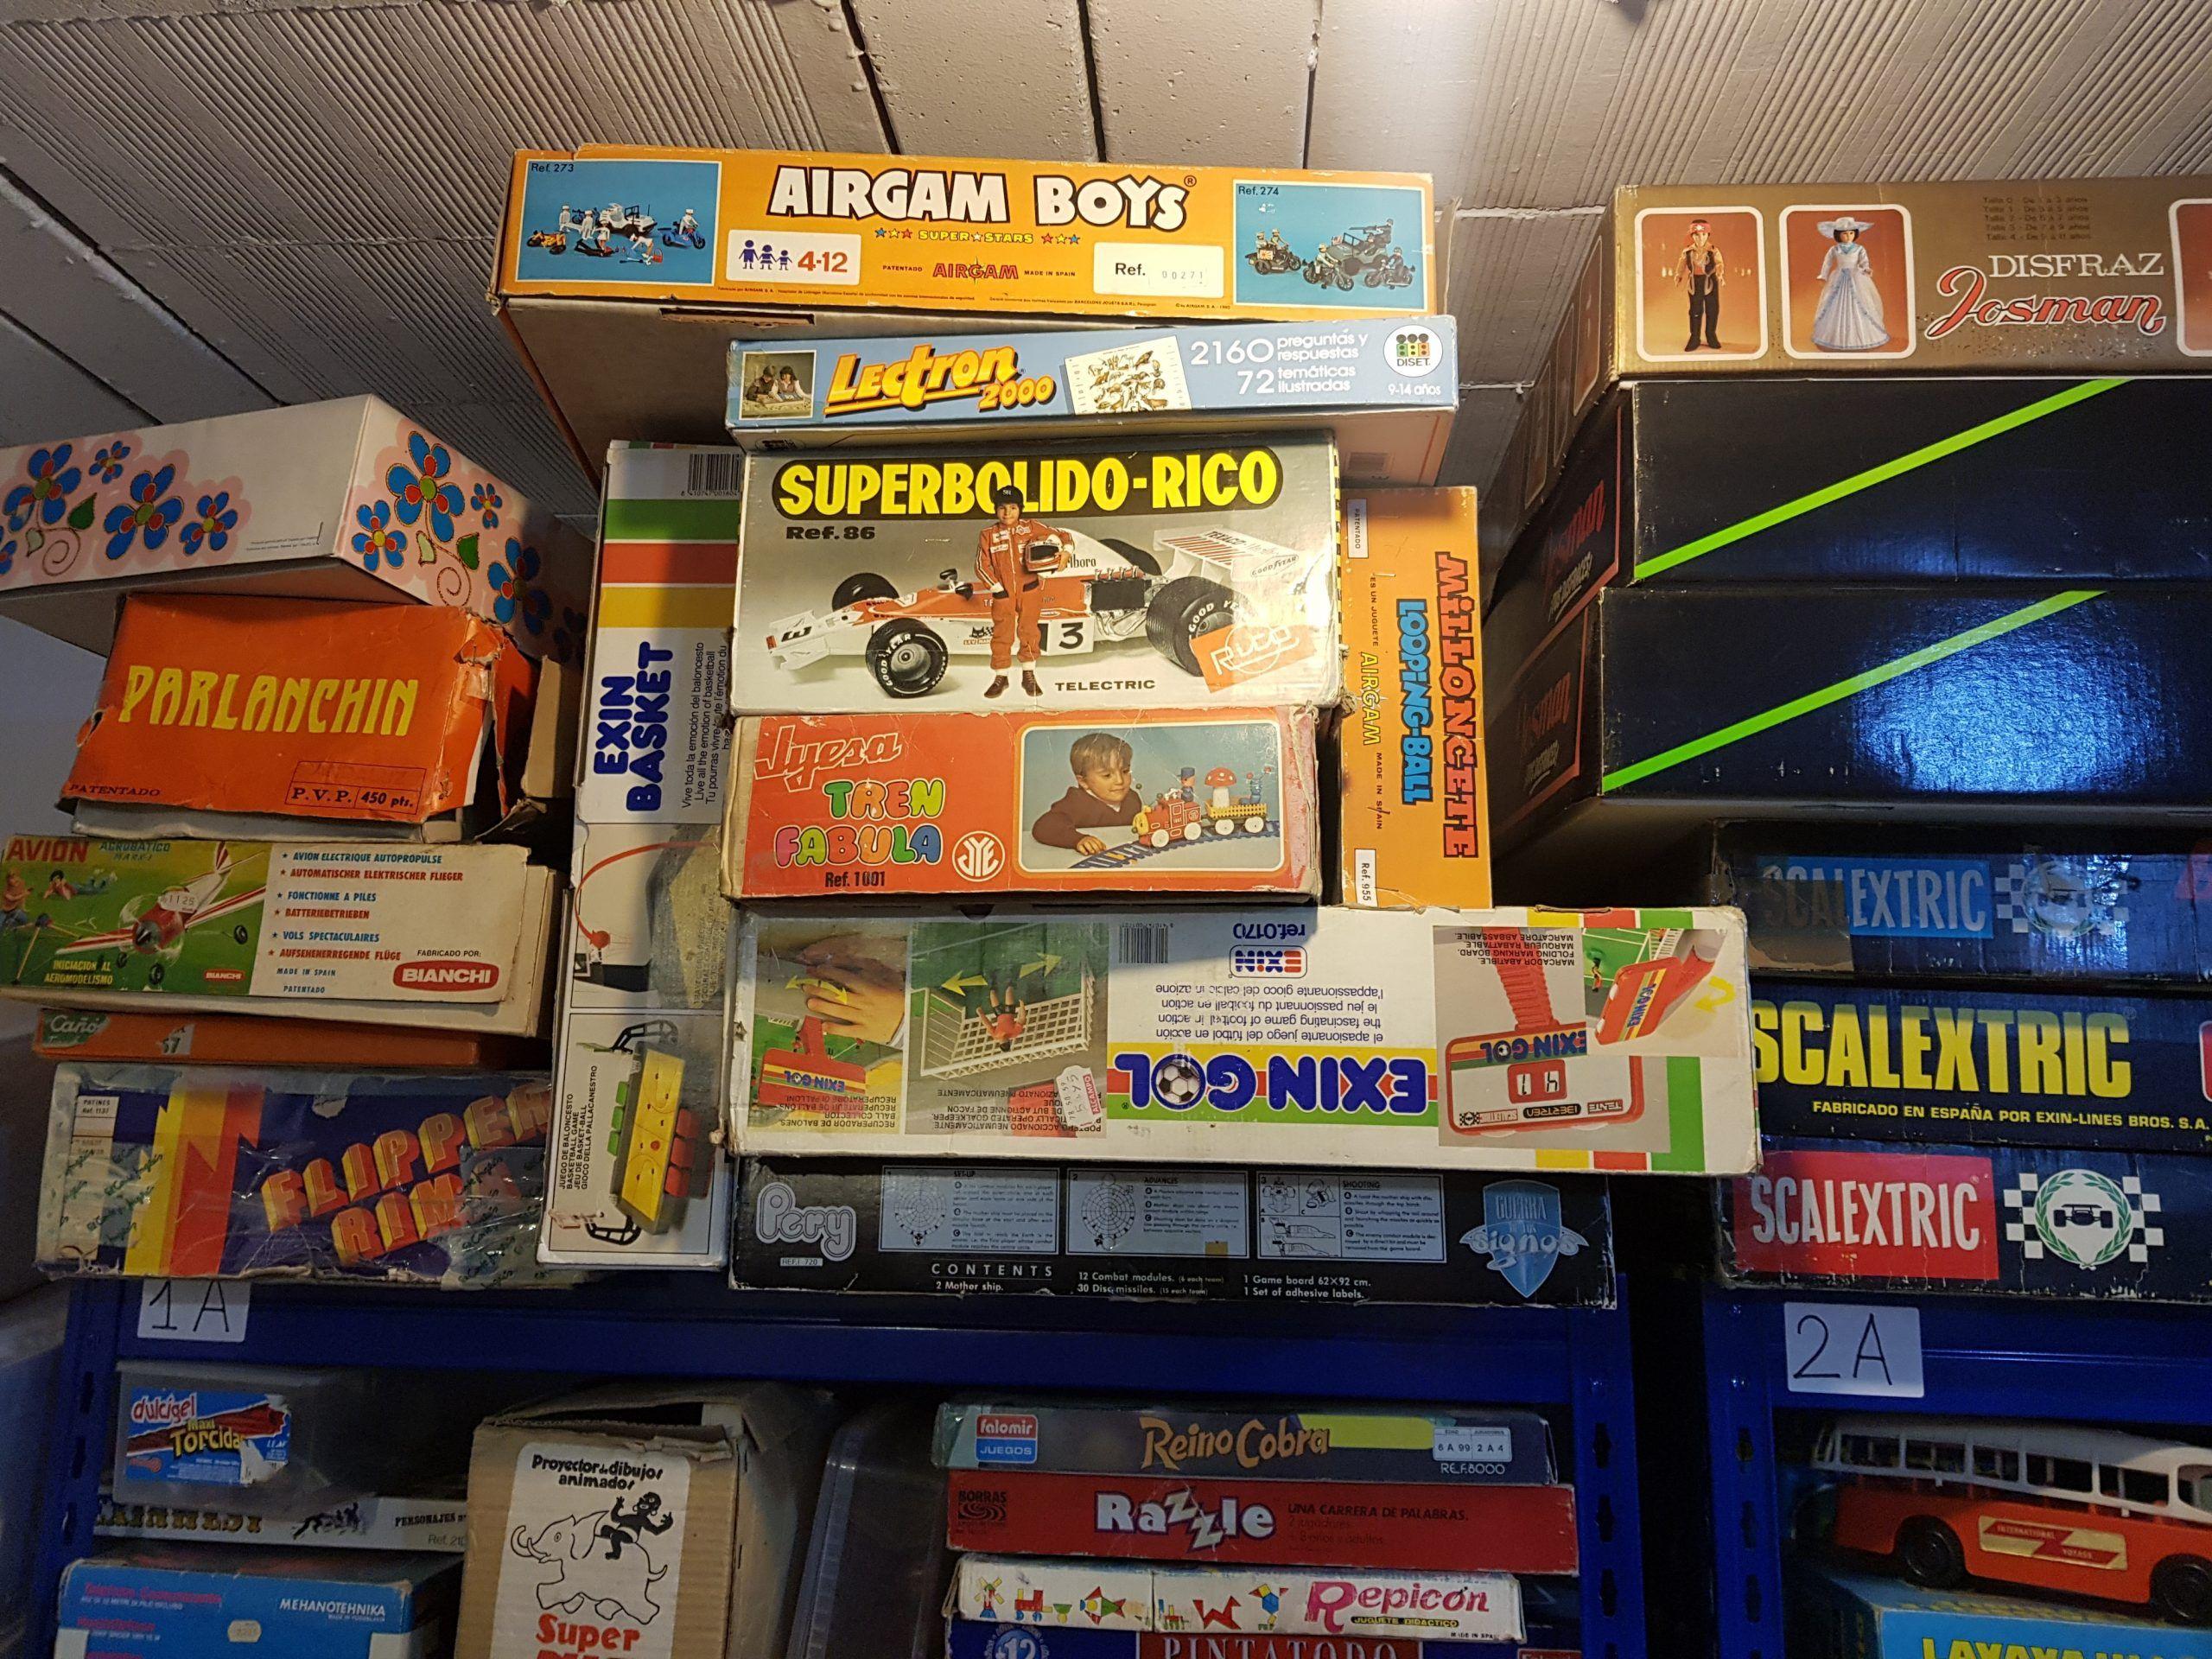 juegos de mesa almacenados